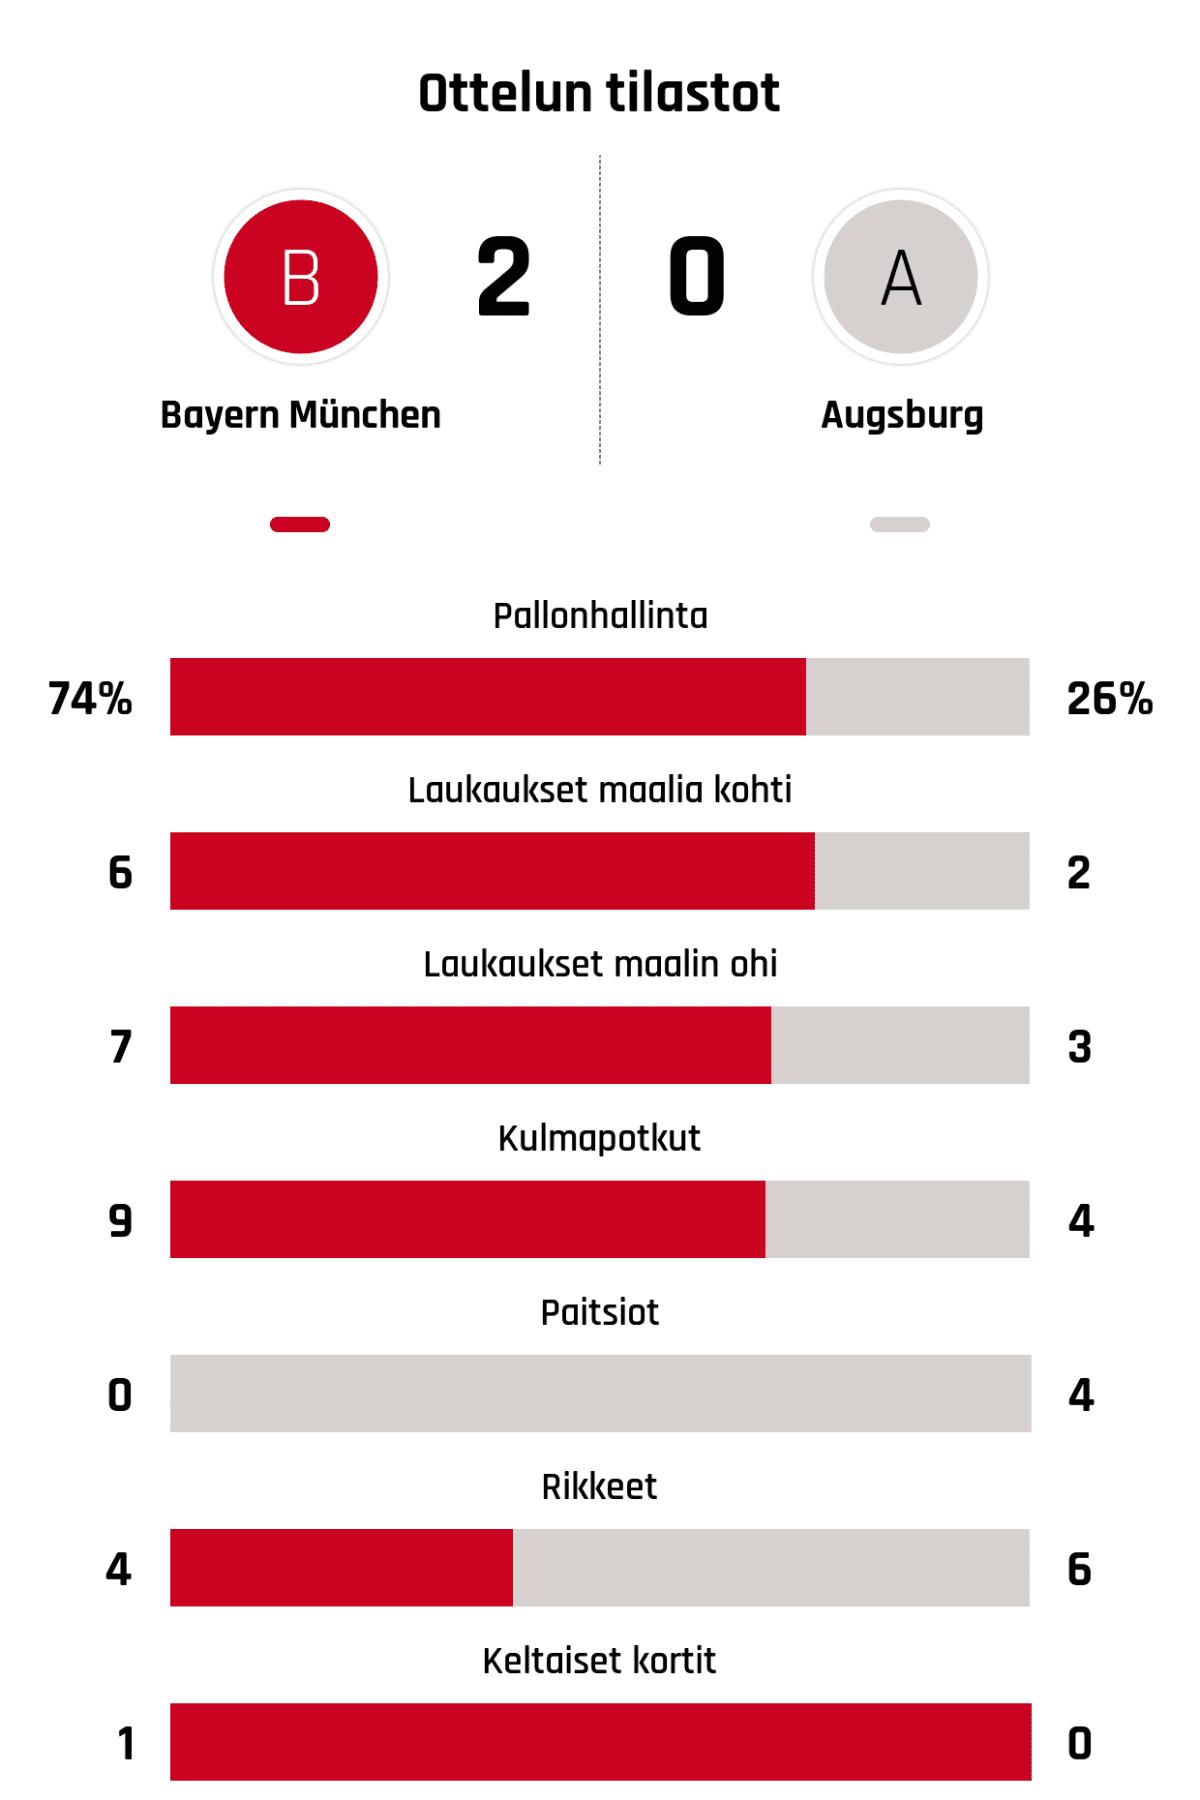 Pallonhallinta 74%-26% Laukaukset maalia kohti 6-2 Laukaukset maalin ohi 7-3 Kulmapotkut 9-4 Paitsiot 0-4 Rikkeet 4-6 Keltaiset kortit 1-0